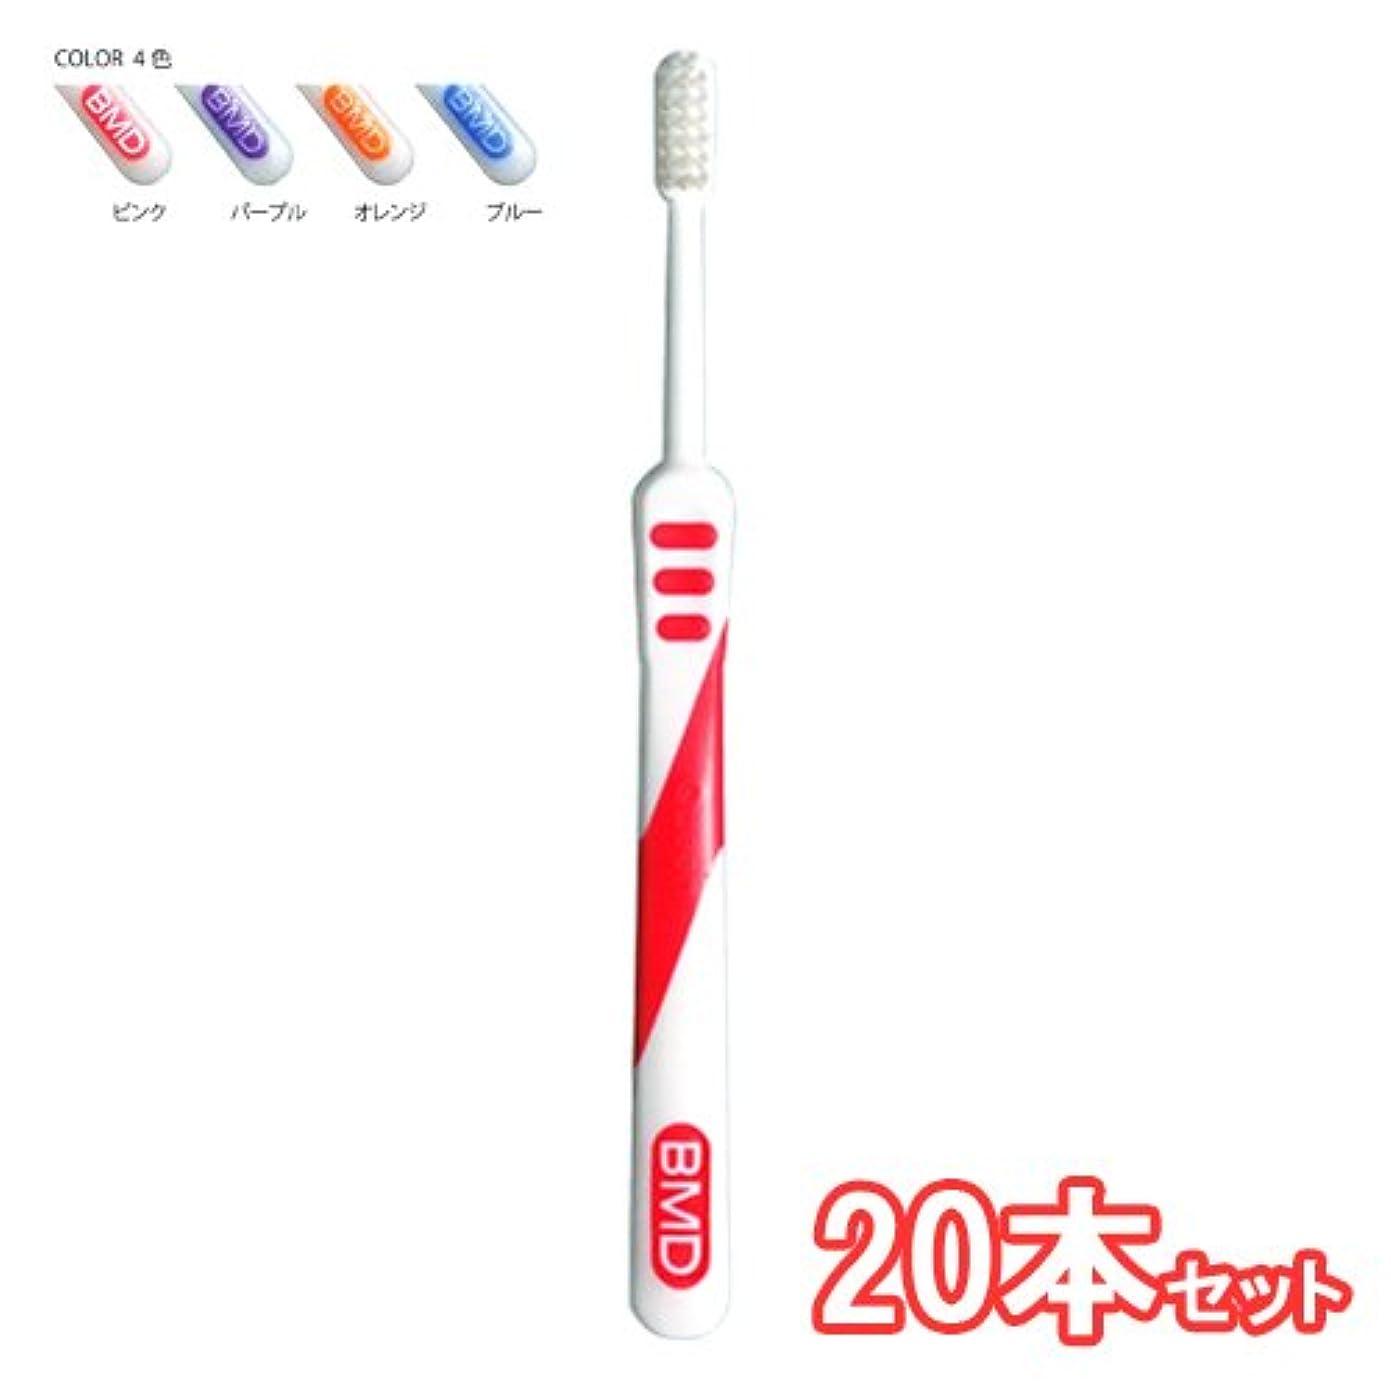 虚偽洗練された鉛筆ビーブランド ビークイーン 歯ブラシ 20本入 95